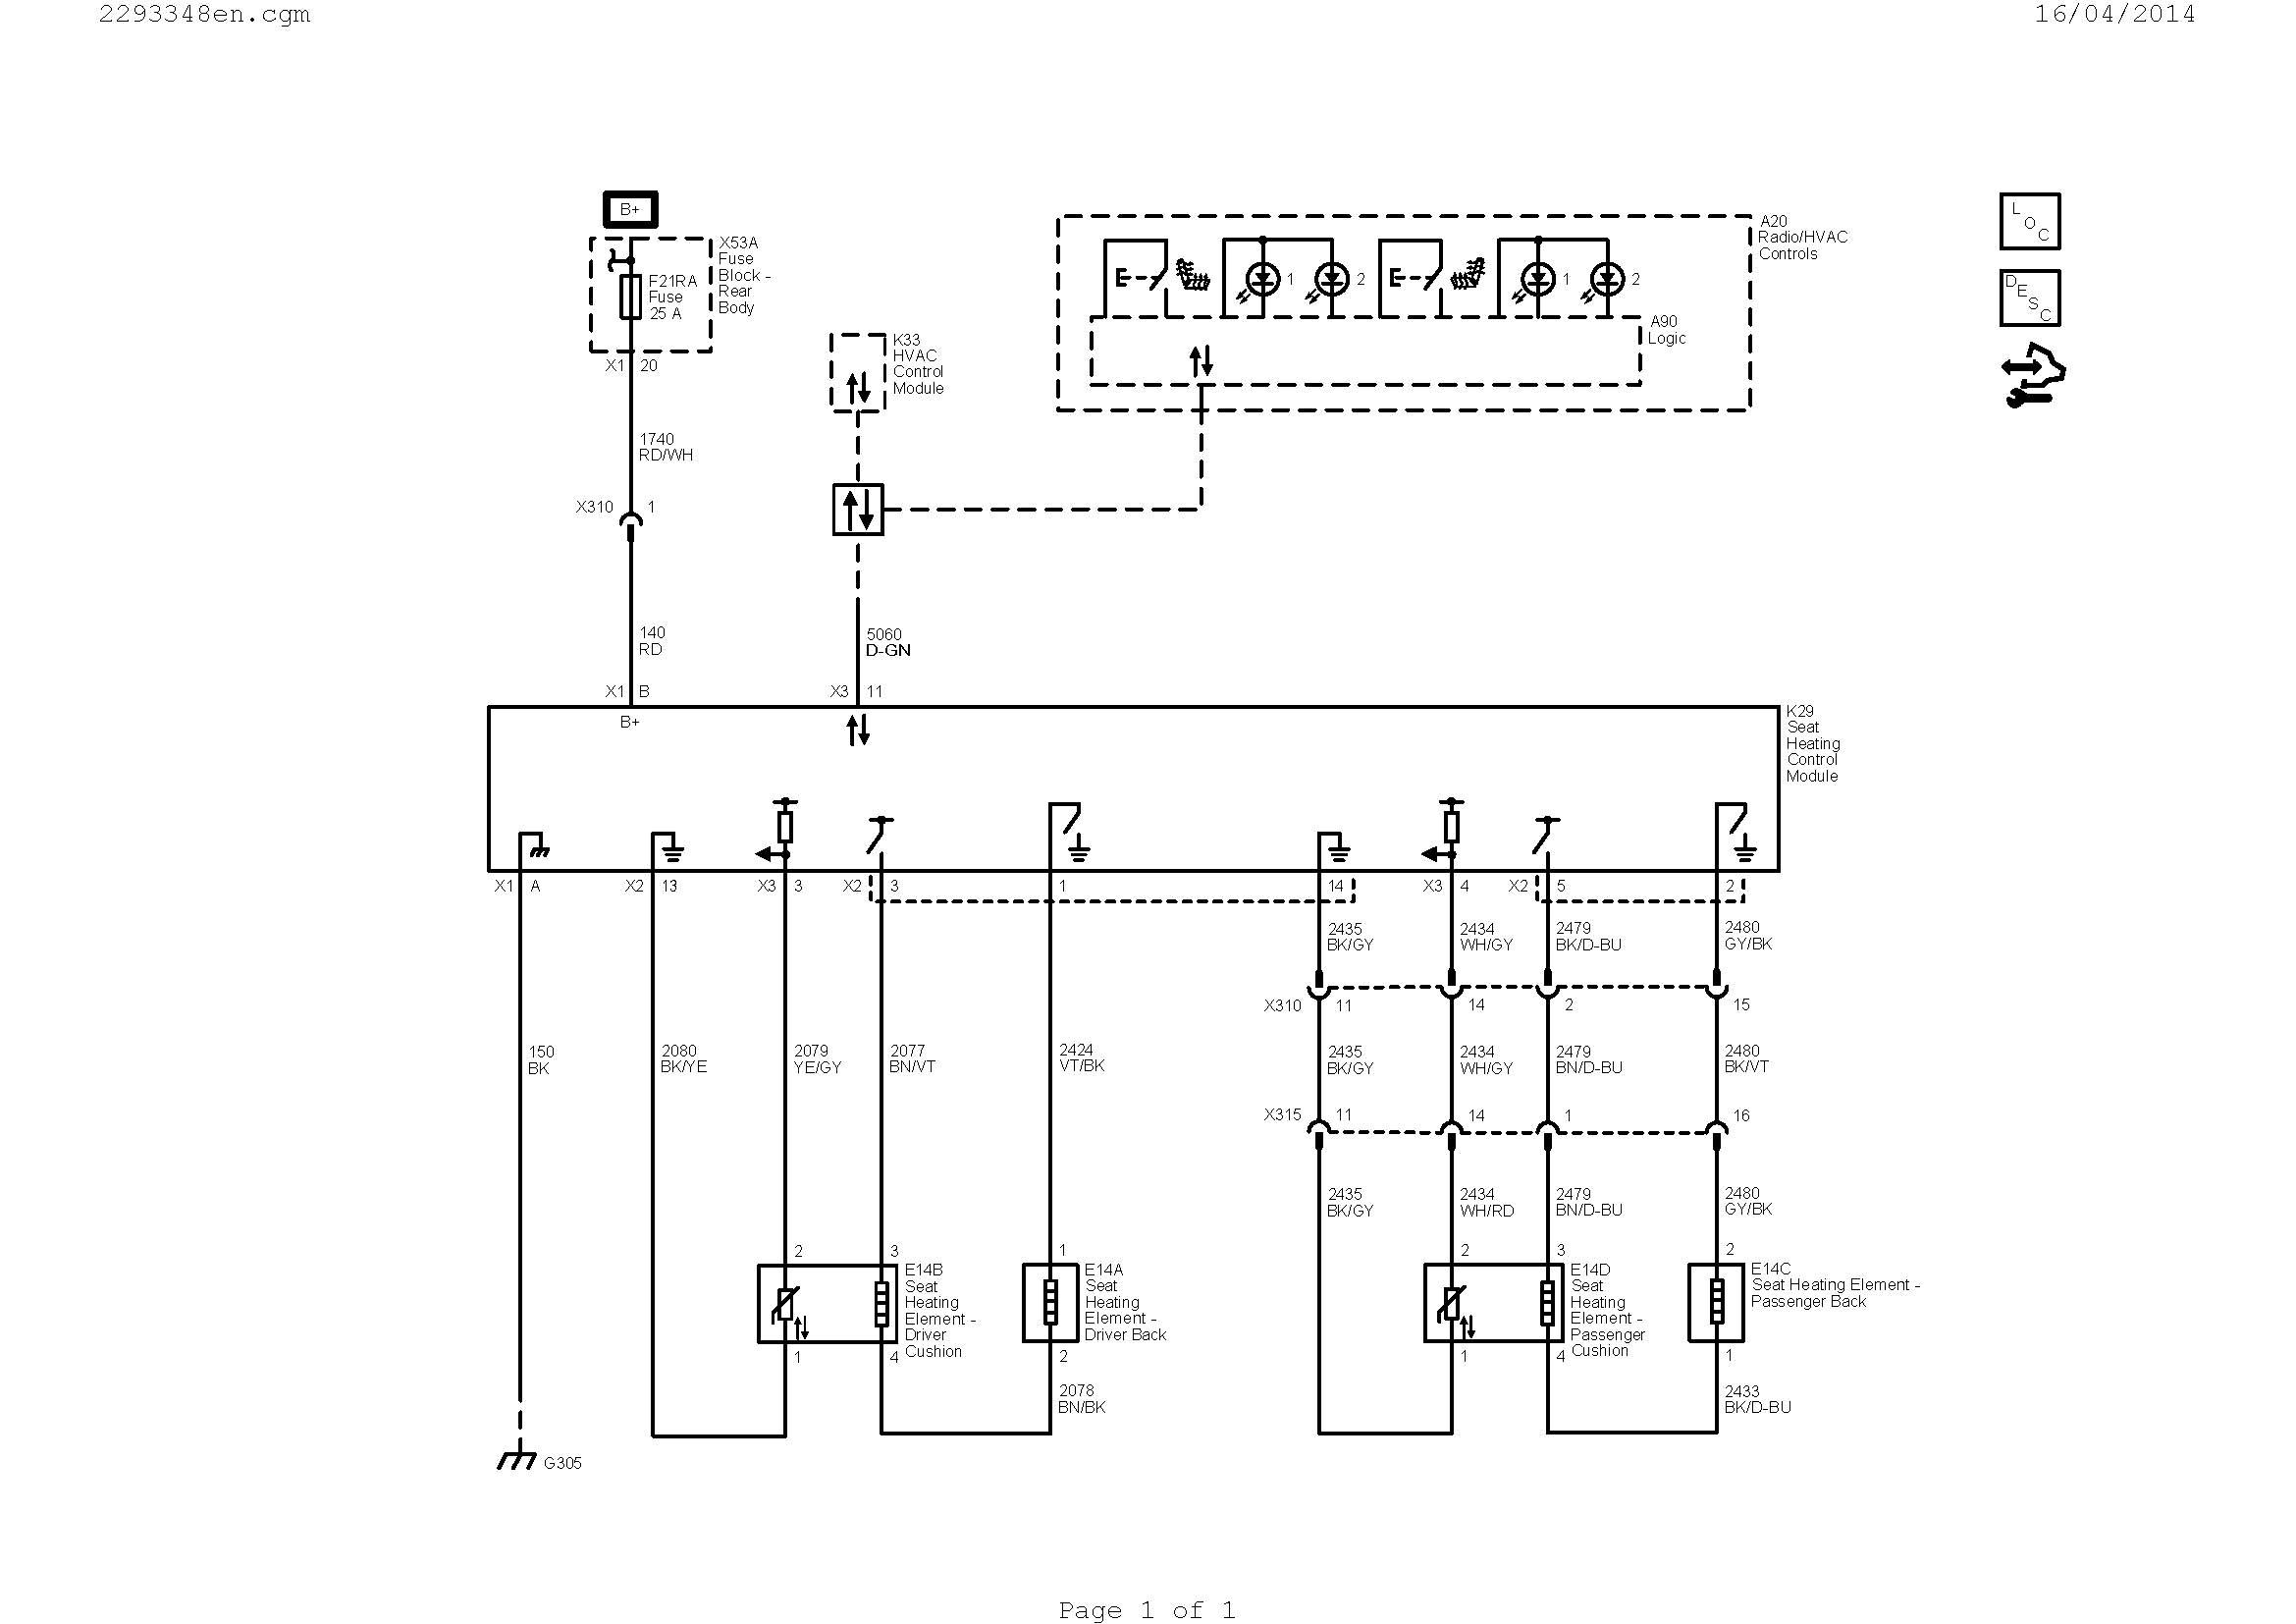 fbp 1 40x wiring diagram free wiring diagram light fixture wiring diagram fbp 1 40x wiring diagram wiring diagram for work light best fbp 1 40x wiring